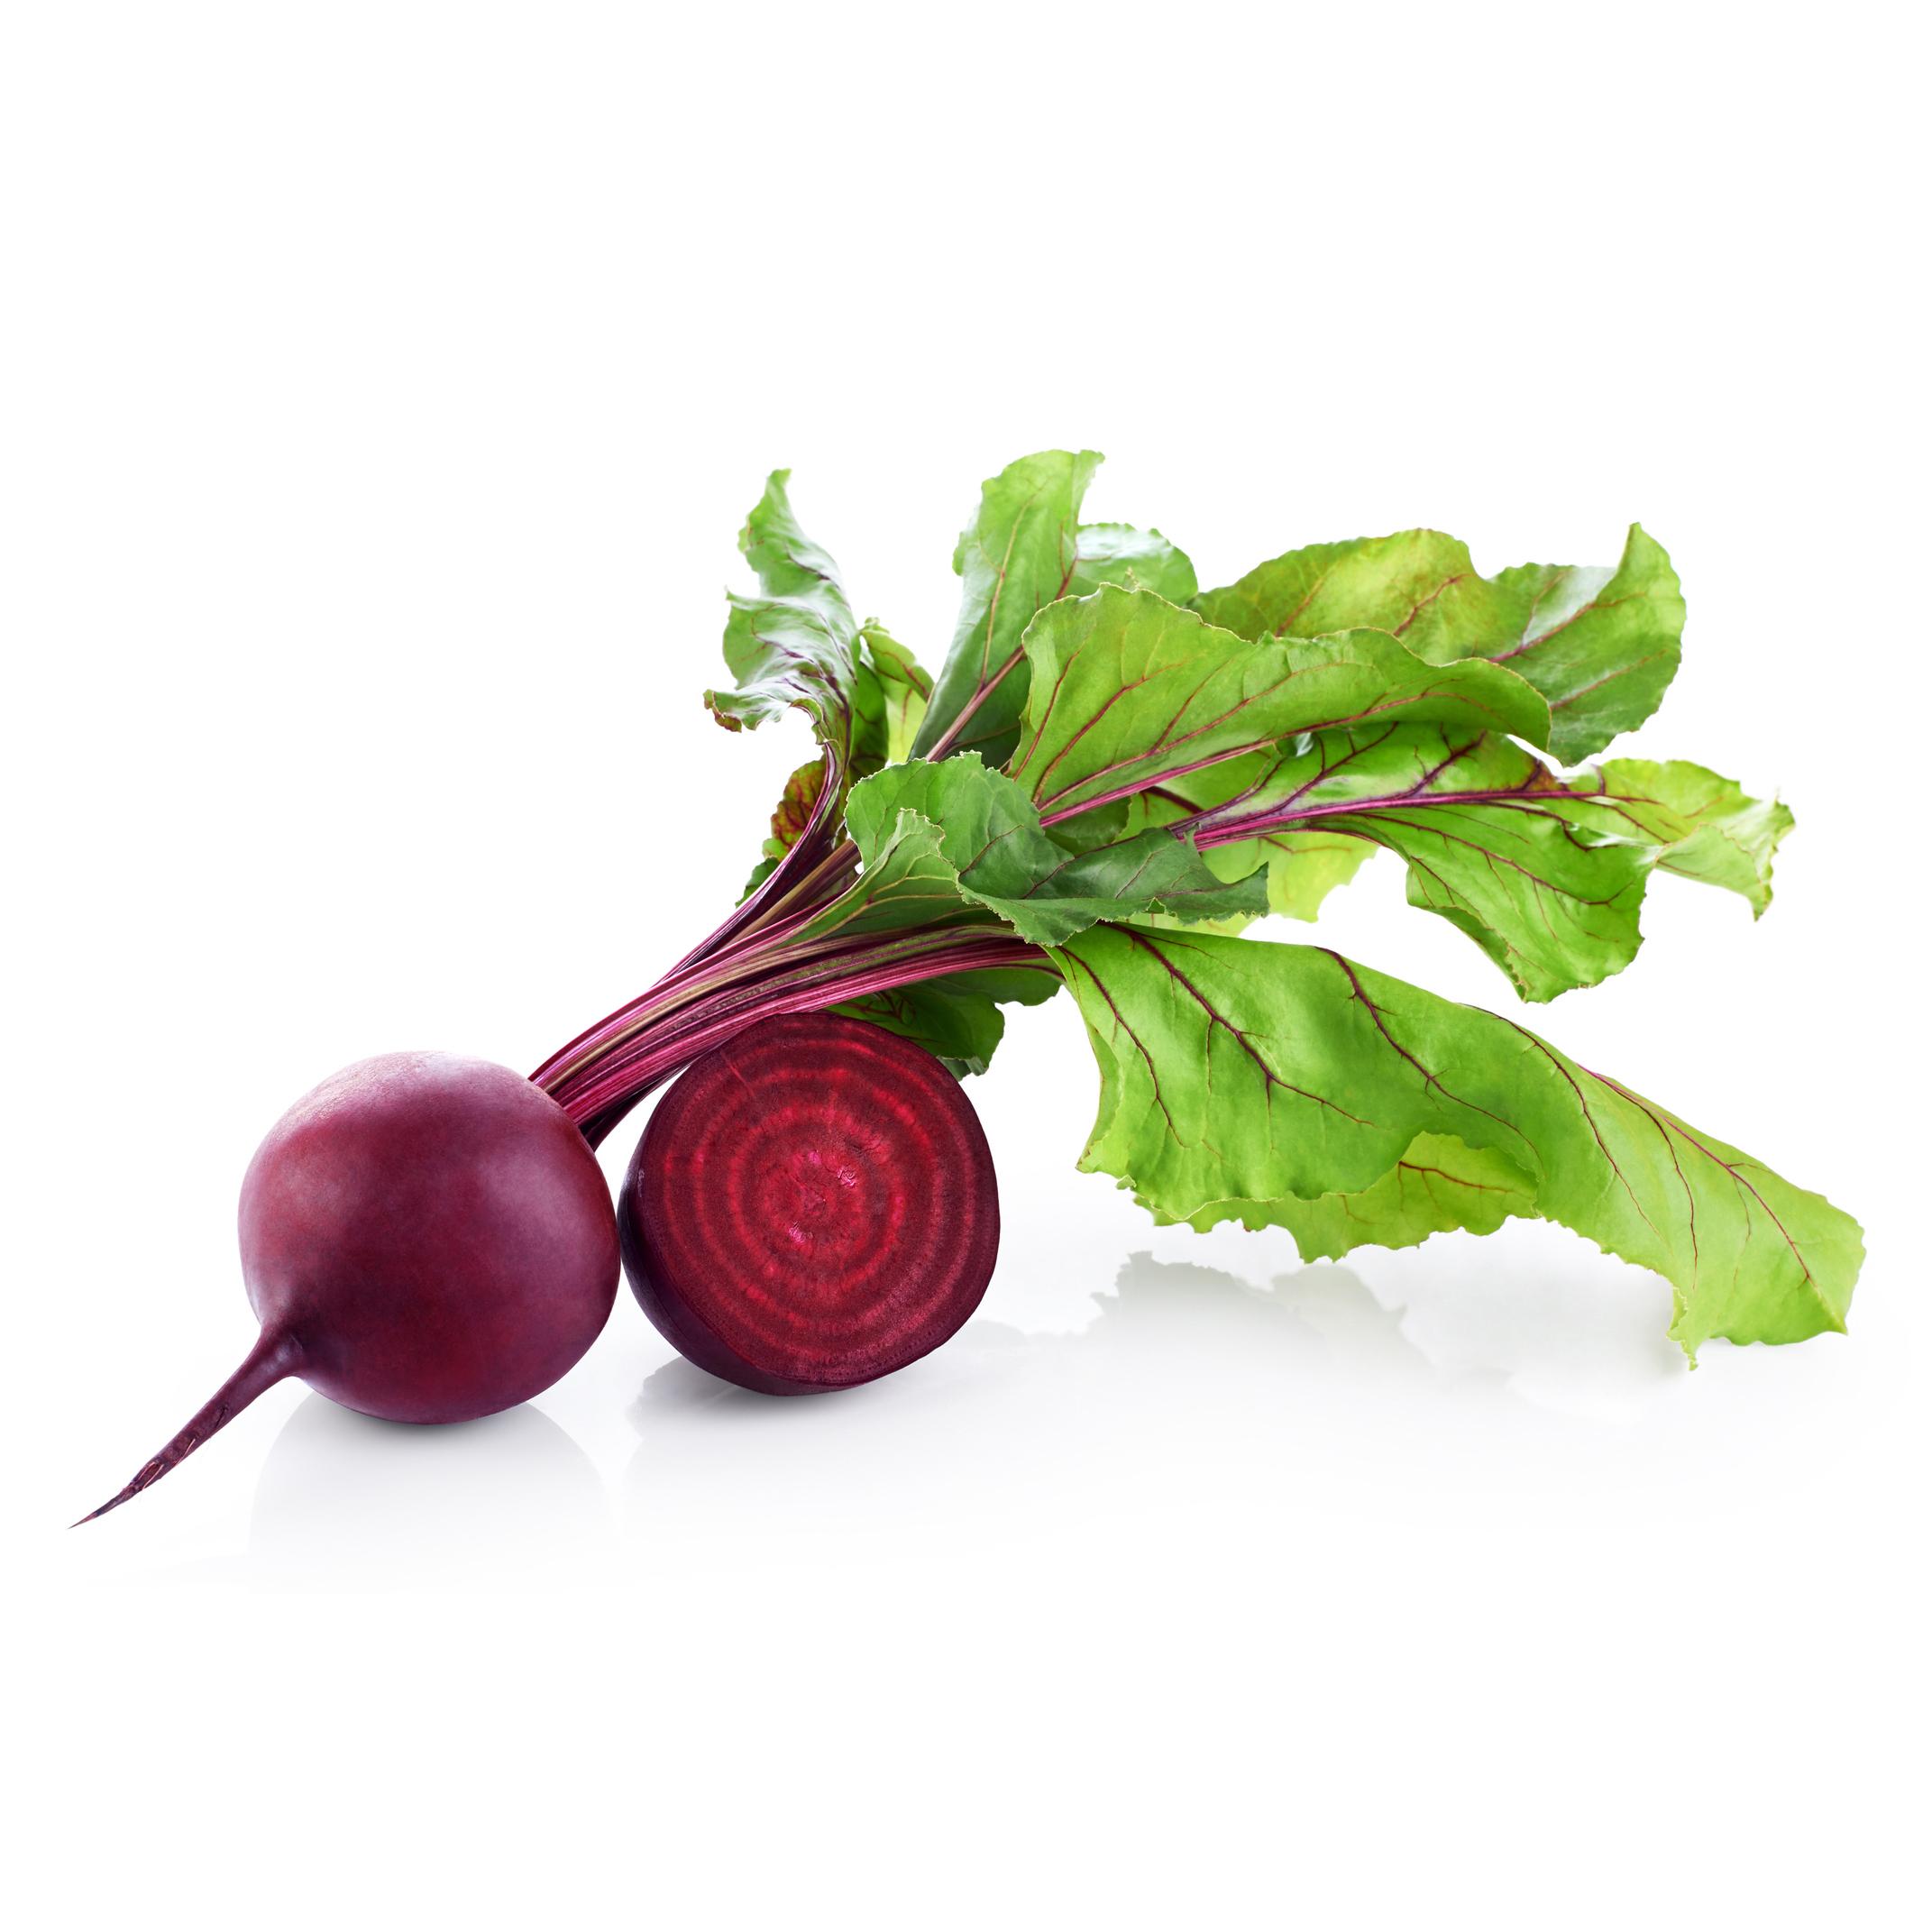 ロシア料理のボルシチなどによく使われている赤い根菜です。 てんさい糖の原料となる甜菜の一種で、甘くてとてもおいしい野菜です。 食物繊維も豊富で、腸内環境の改善に良いとされています。また、赤い色素成分であるベタシアニンは、強い抗酸化力があるため、健康維持に役立ちます。